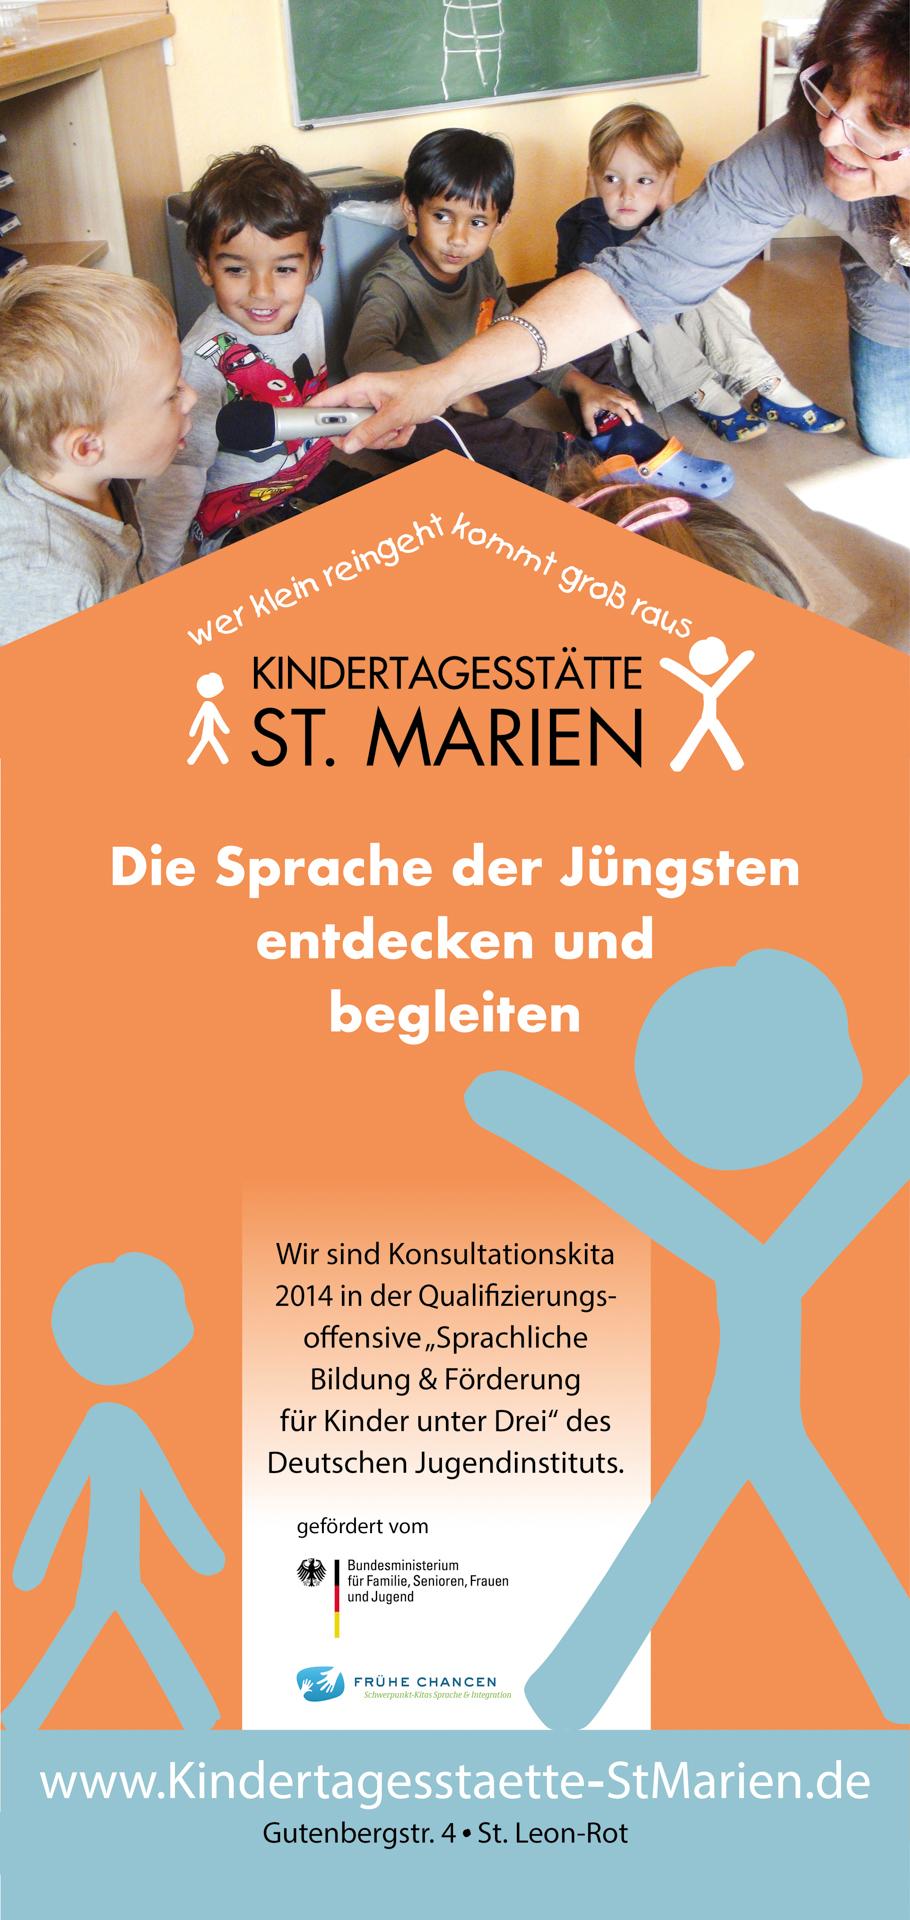 Sprache im Kindergarten St. Marien